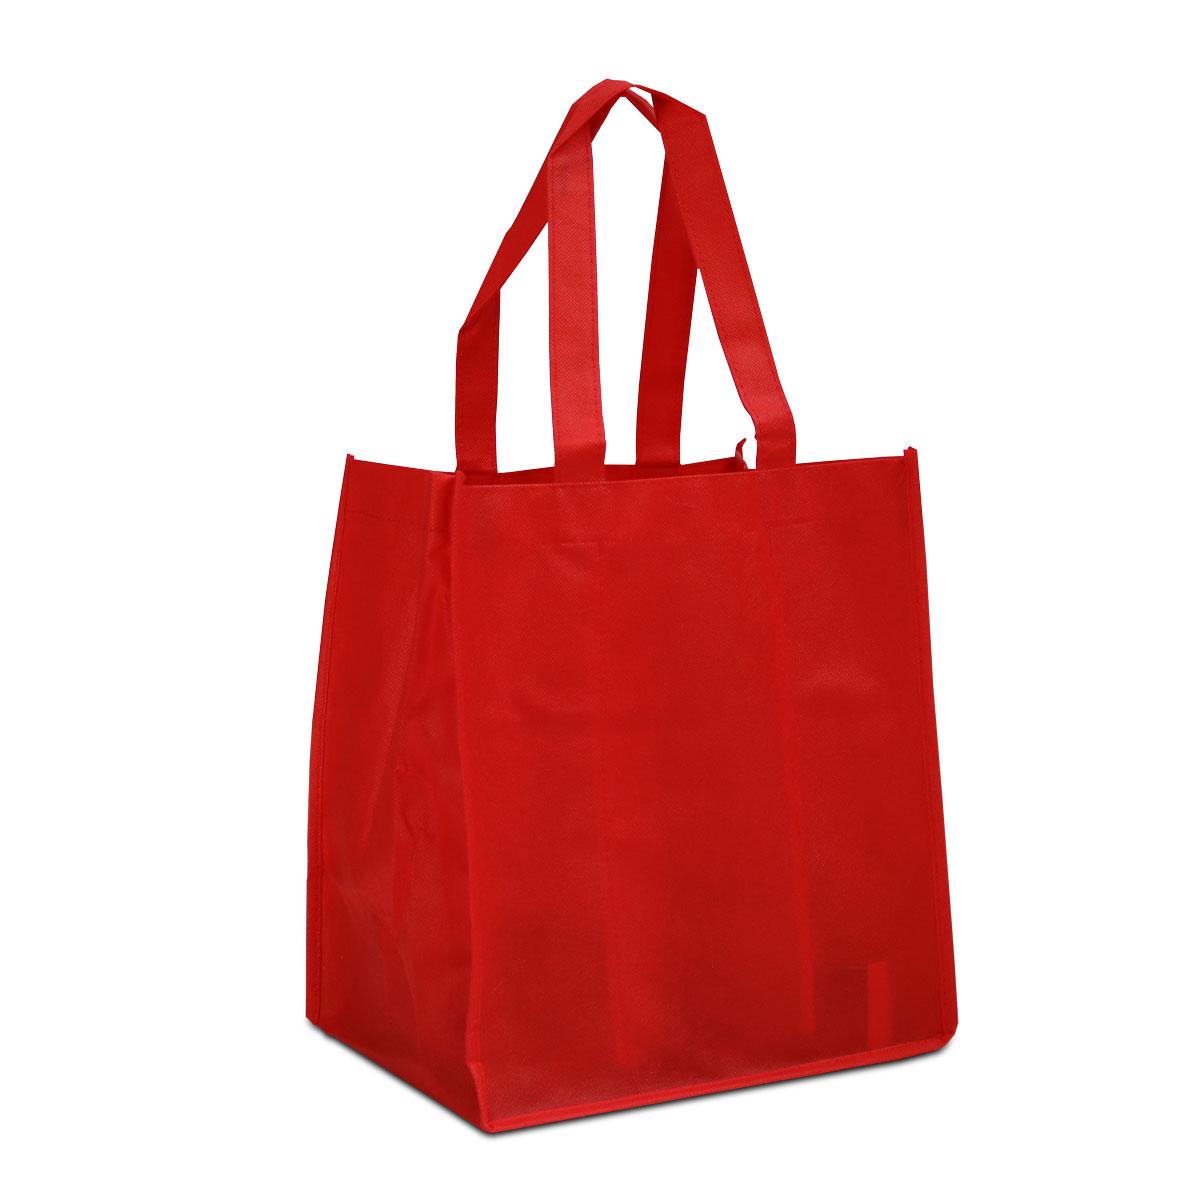 NonWovenWijntas-rood-product